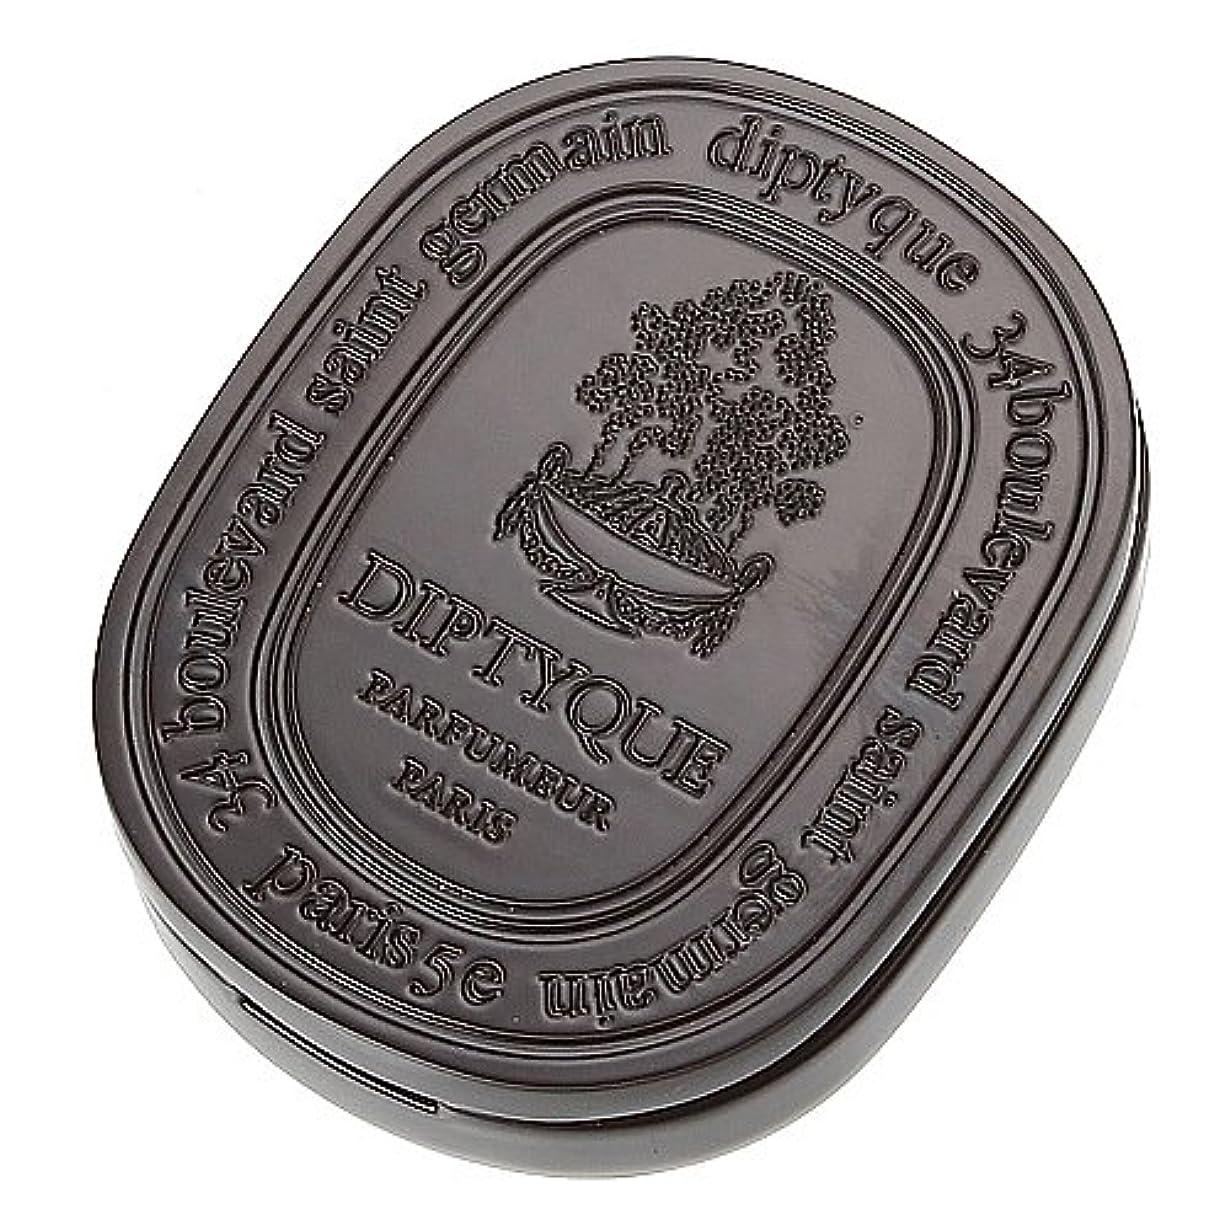 溶岩西部合法ディプティック DIPTYQUE ソリッドパフューム ロンブルダンロー 3.6g 国内未発売 [並行輸入品]